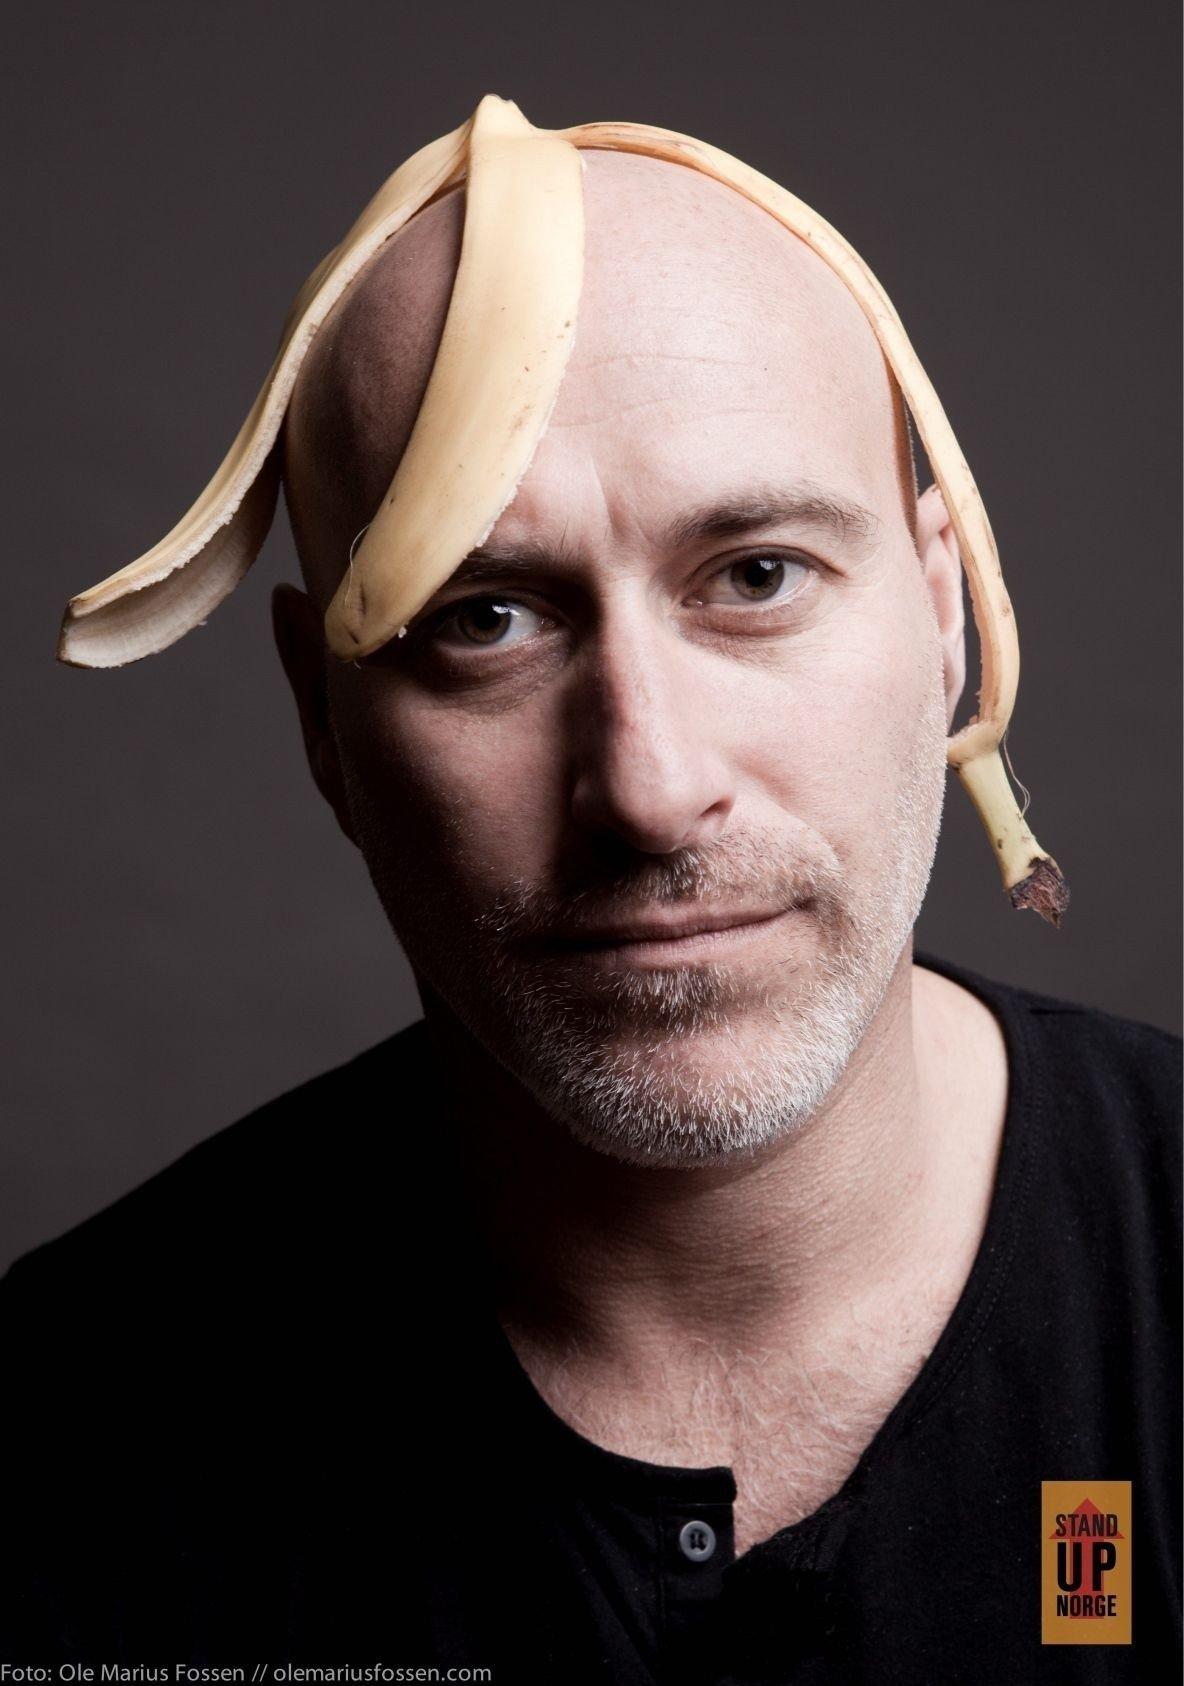 KLASSISK BANANSKALL: Bananskallet er en velkjent og risikabel morsomhet. Her er det for anledningen plassert på komiker André Jermans relativt sklisikre hode.